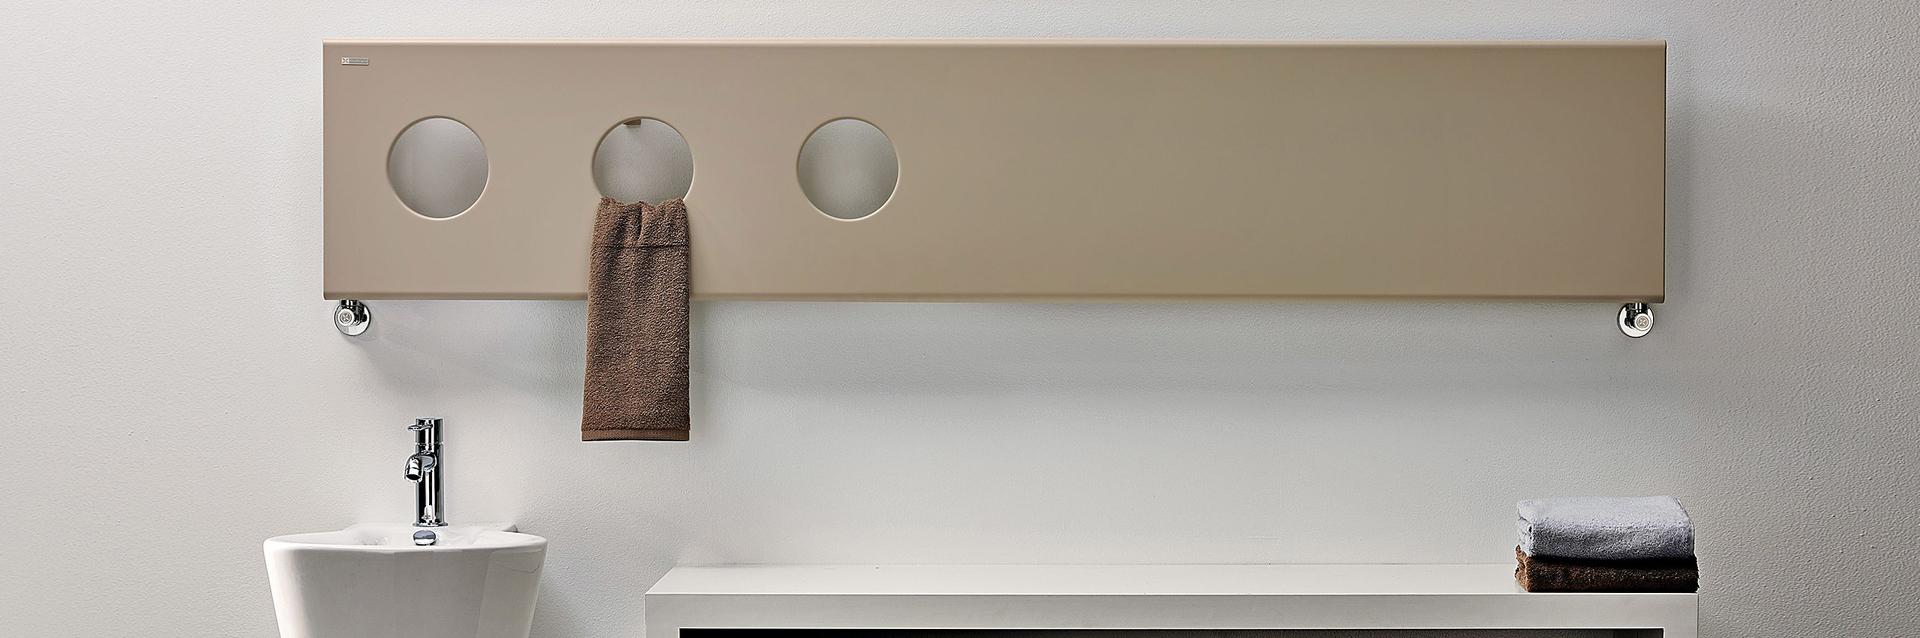 Instamat designradiator met bijzonder design - Instamat designradiator met bijzonder design